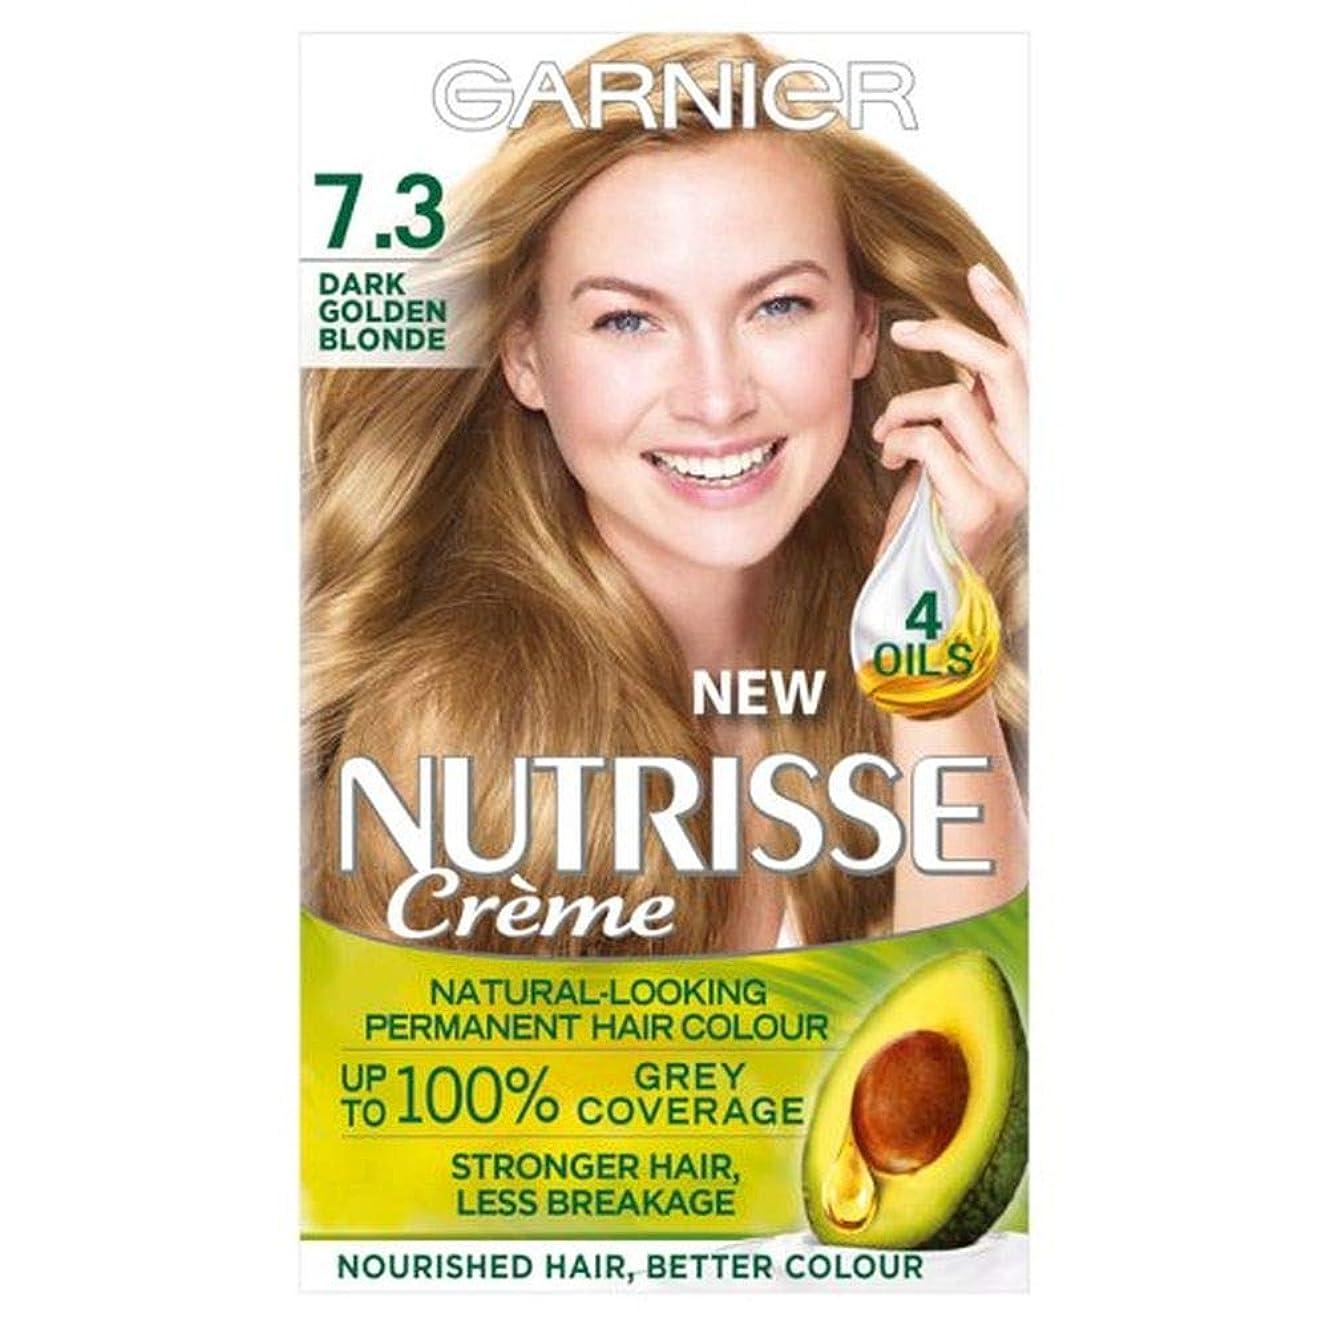 取り除く平均異議[Nutrisse] 7.3暗い金色のブロンドの永久染毛剤Nutrisseガルニエ - Garnier Nutrisse 7.3 Dark Golden Blonde Permanent Hair Dye [並行輸入品]